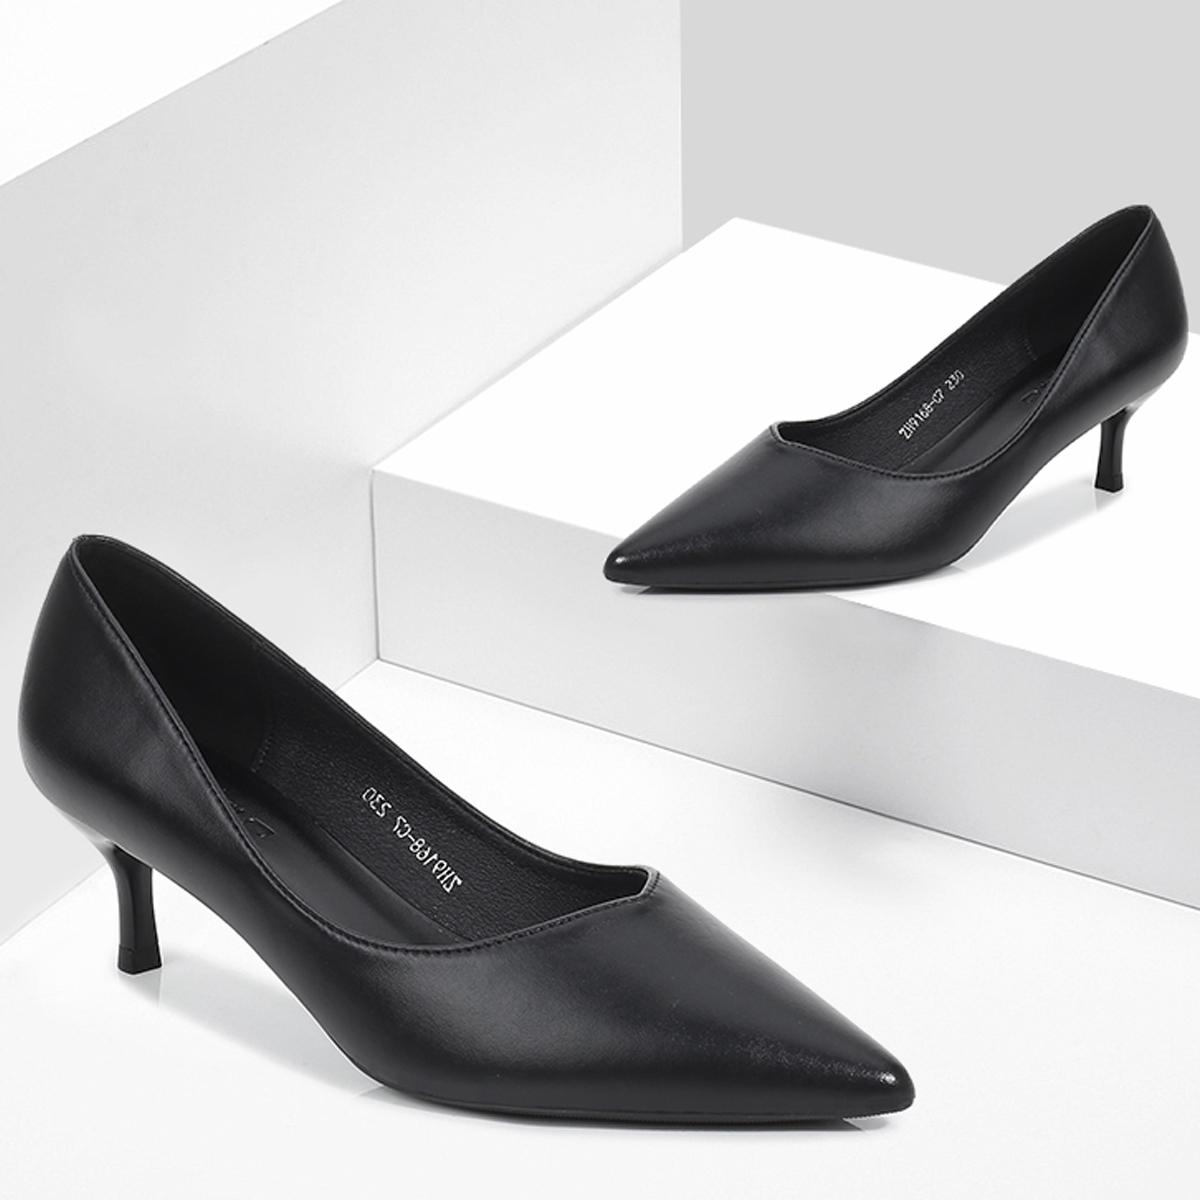 黑色高跟鞋 高跟鞋软皮百搭细跟平底单鞋尖头5cm中跟3cm低跟职业女黑色工作鞋_推荐淘宝好看的黑色高跟鞋